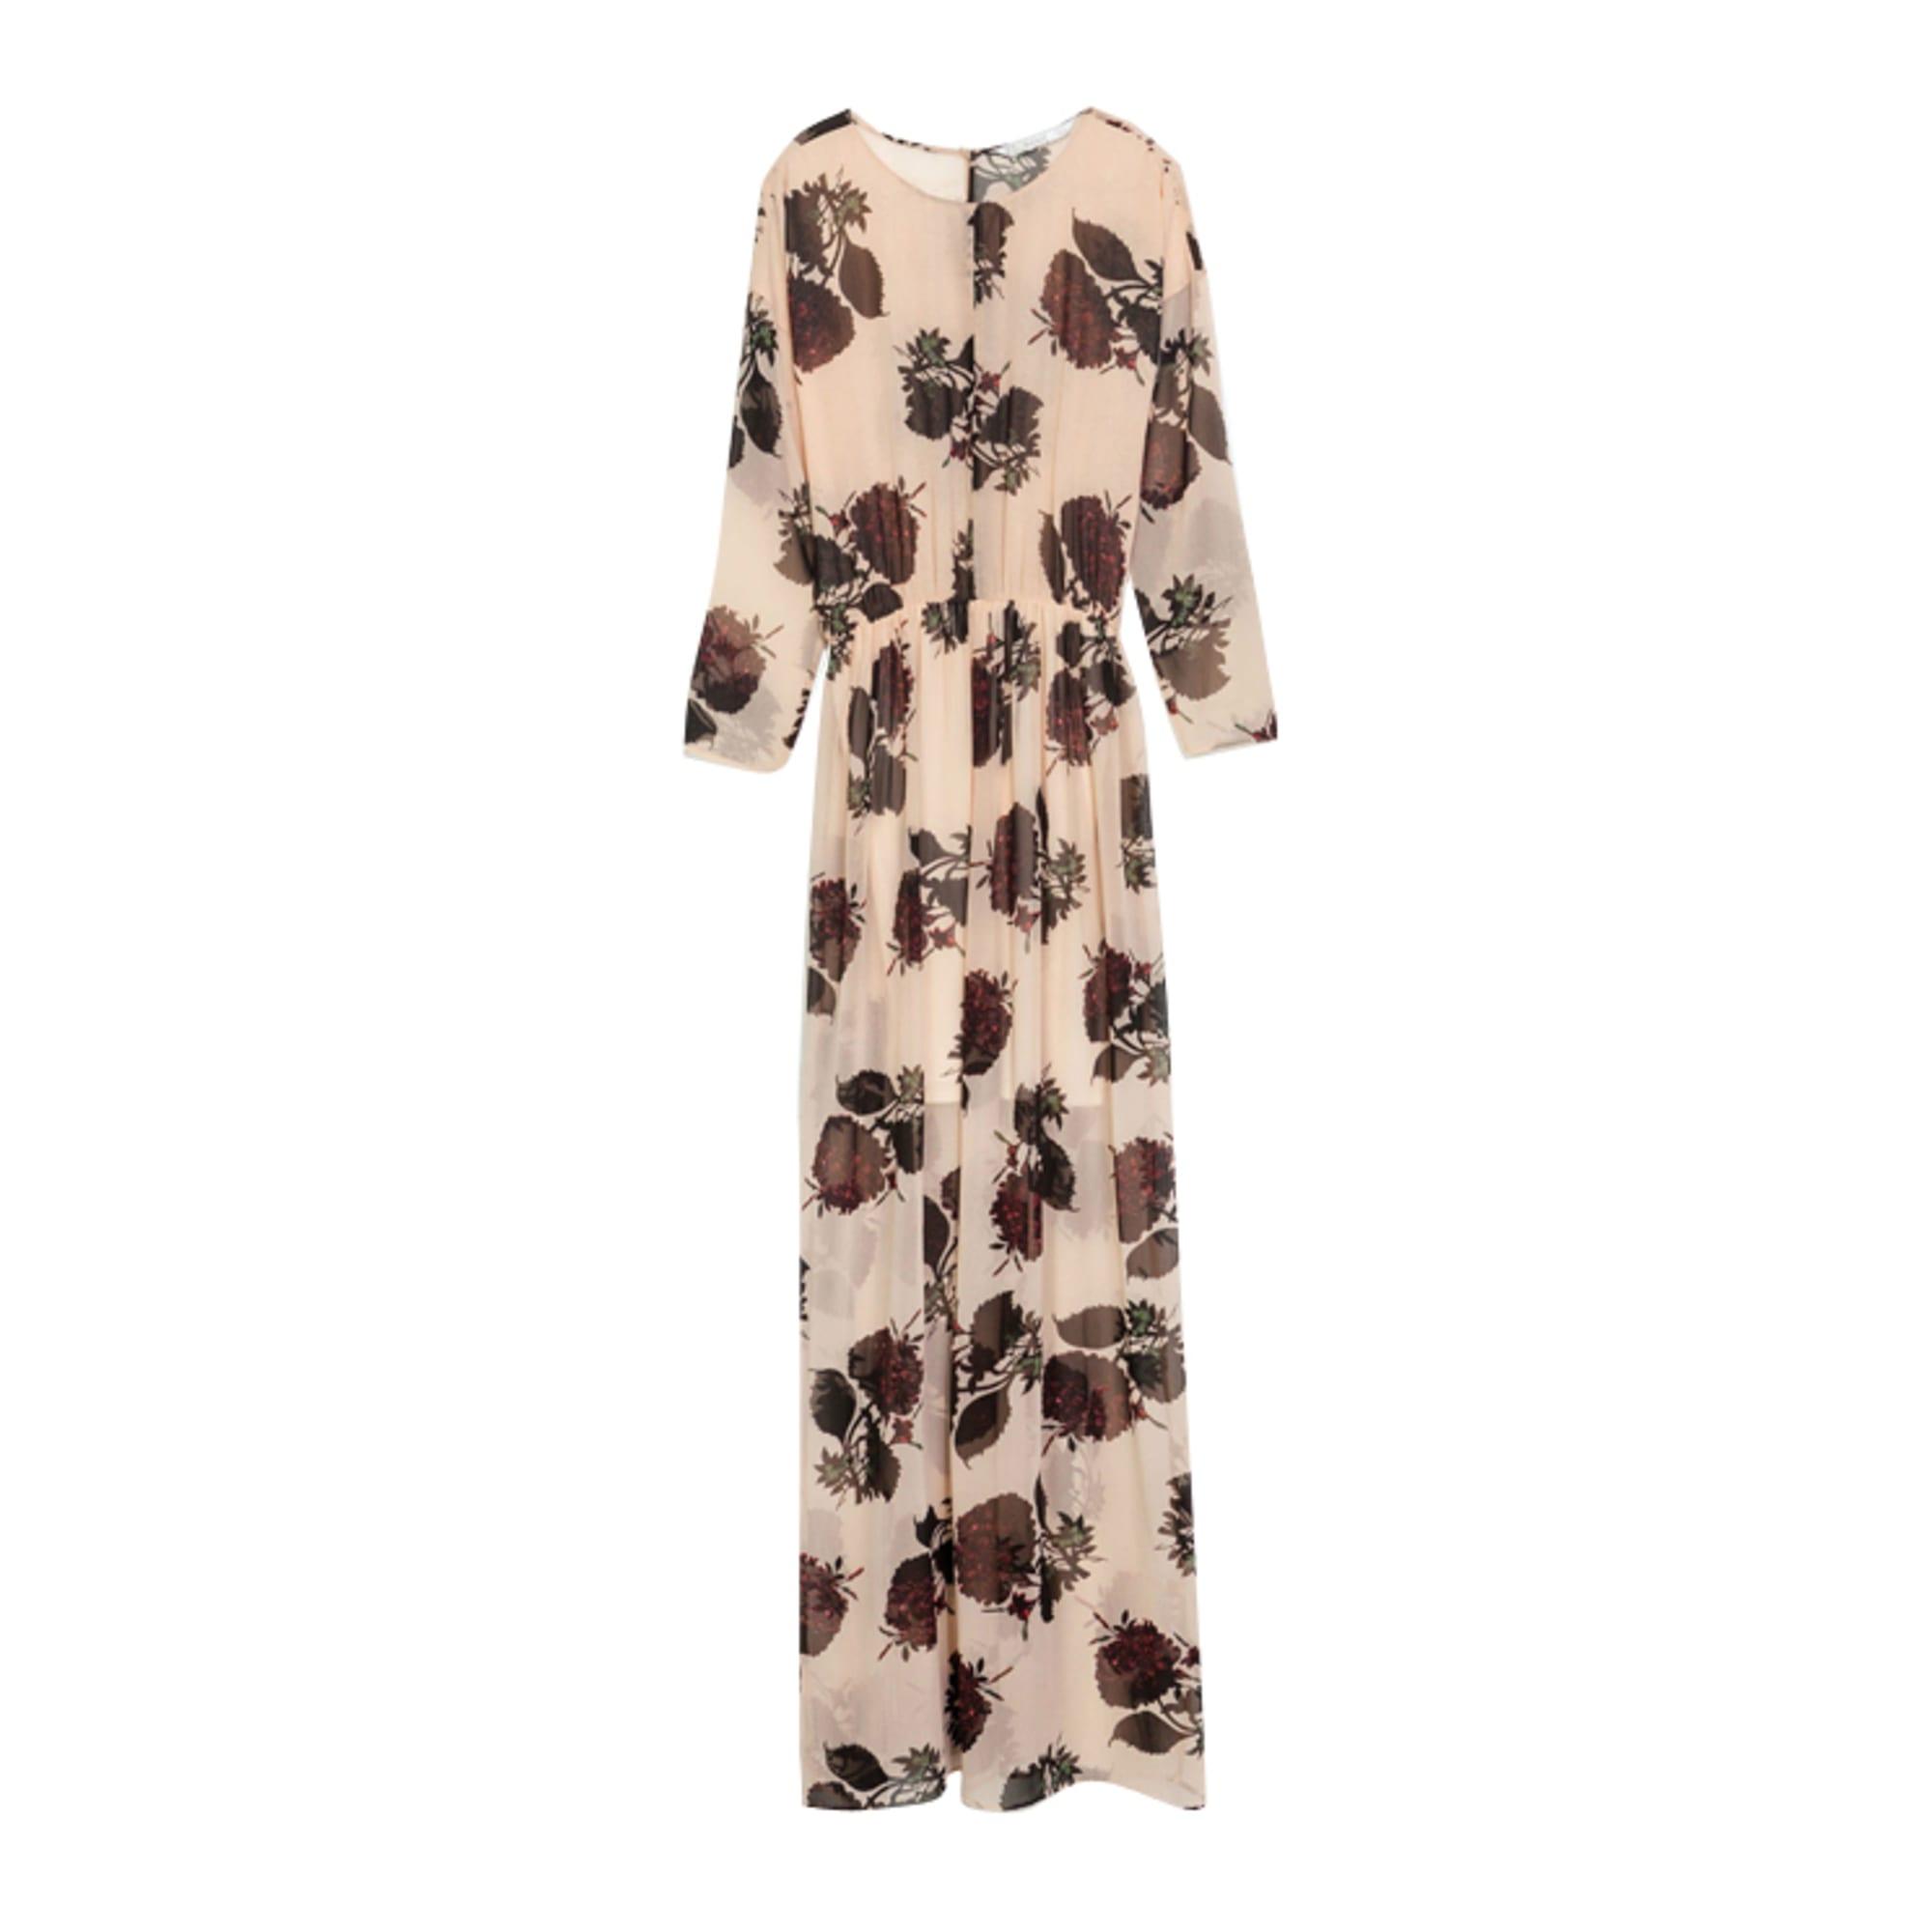 ab1ffaf5 Maxi Dress ZARA Pink, fuchsia, light pink